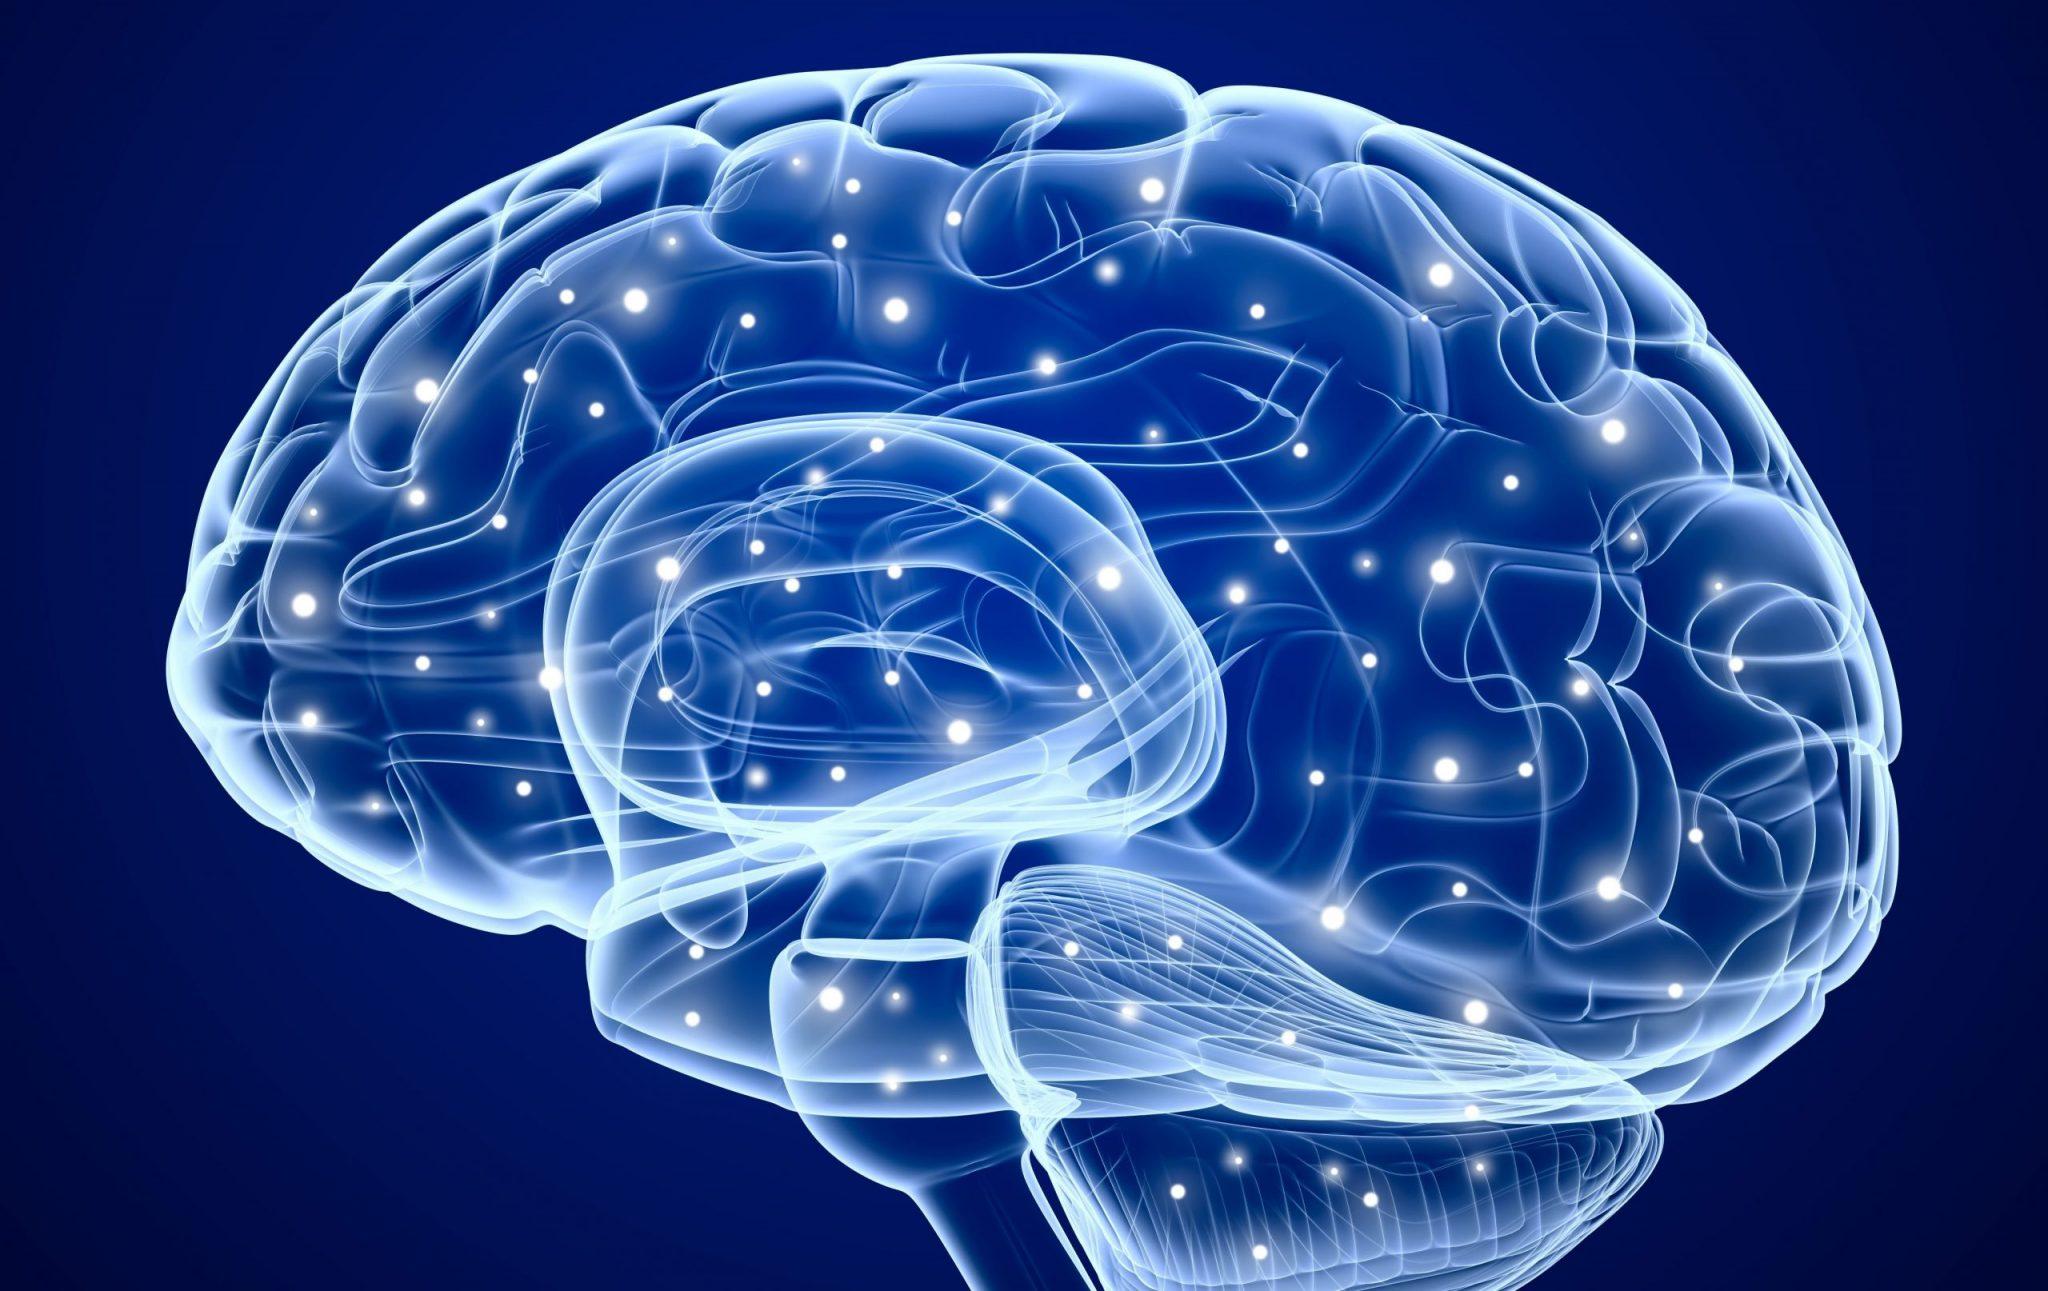 Порно тогда и сейчас: добро пожаловать на курс дрессировки мозга